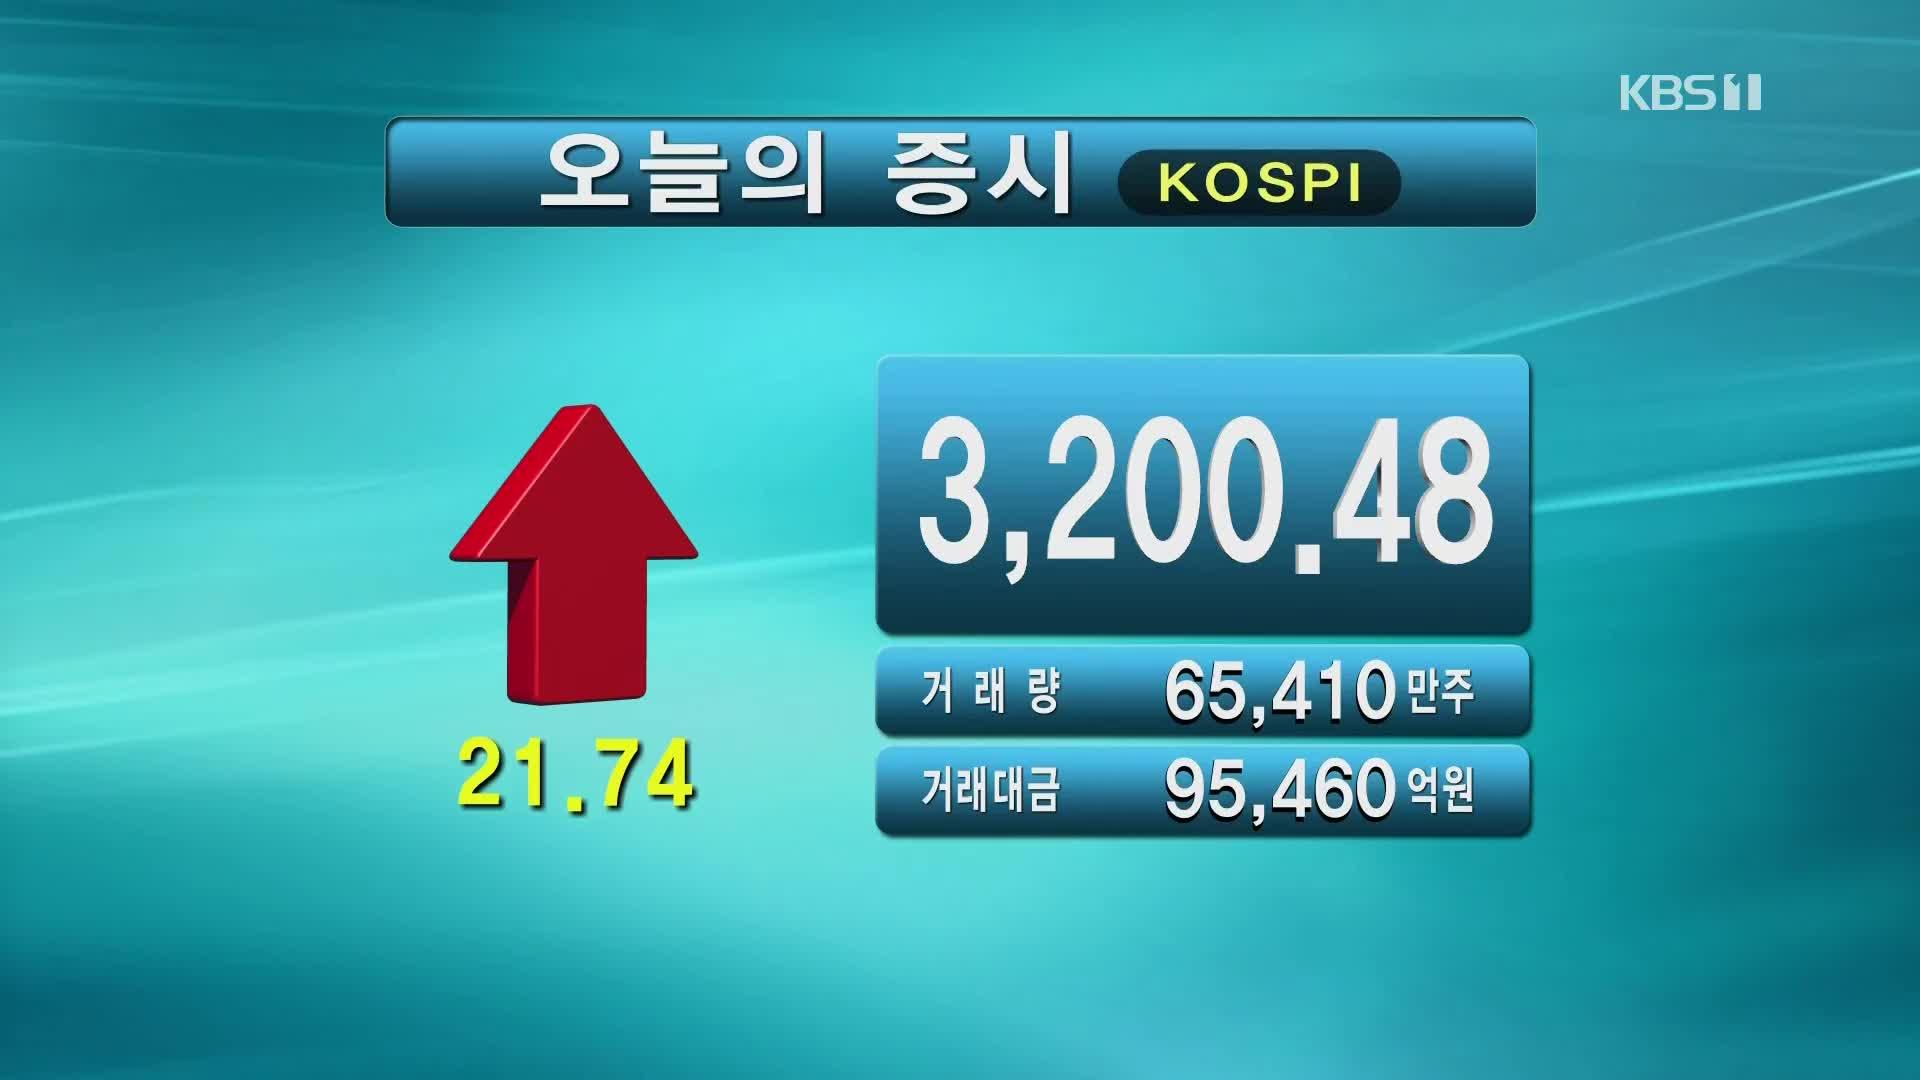 코스피 3,200.48 코스닥 979.78